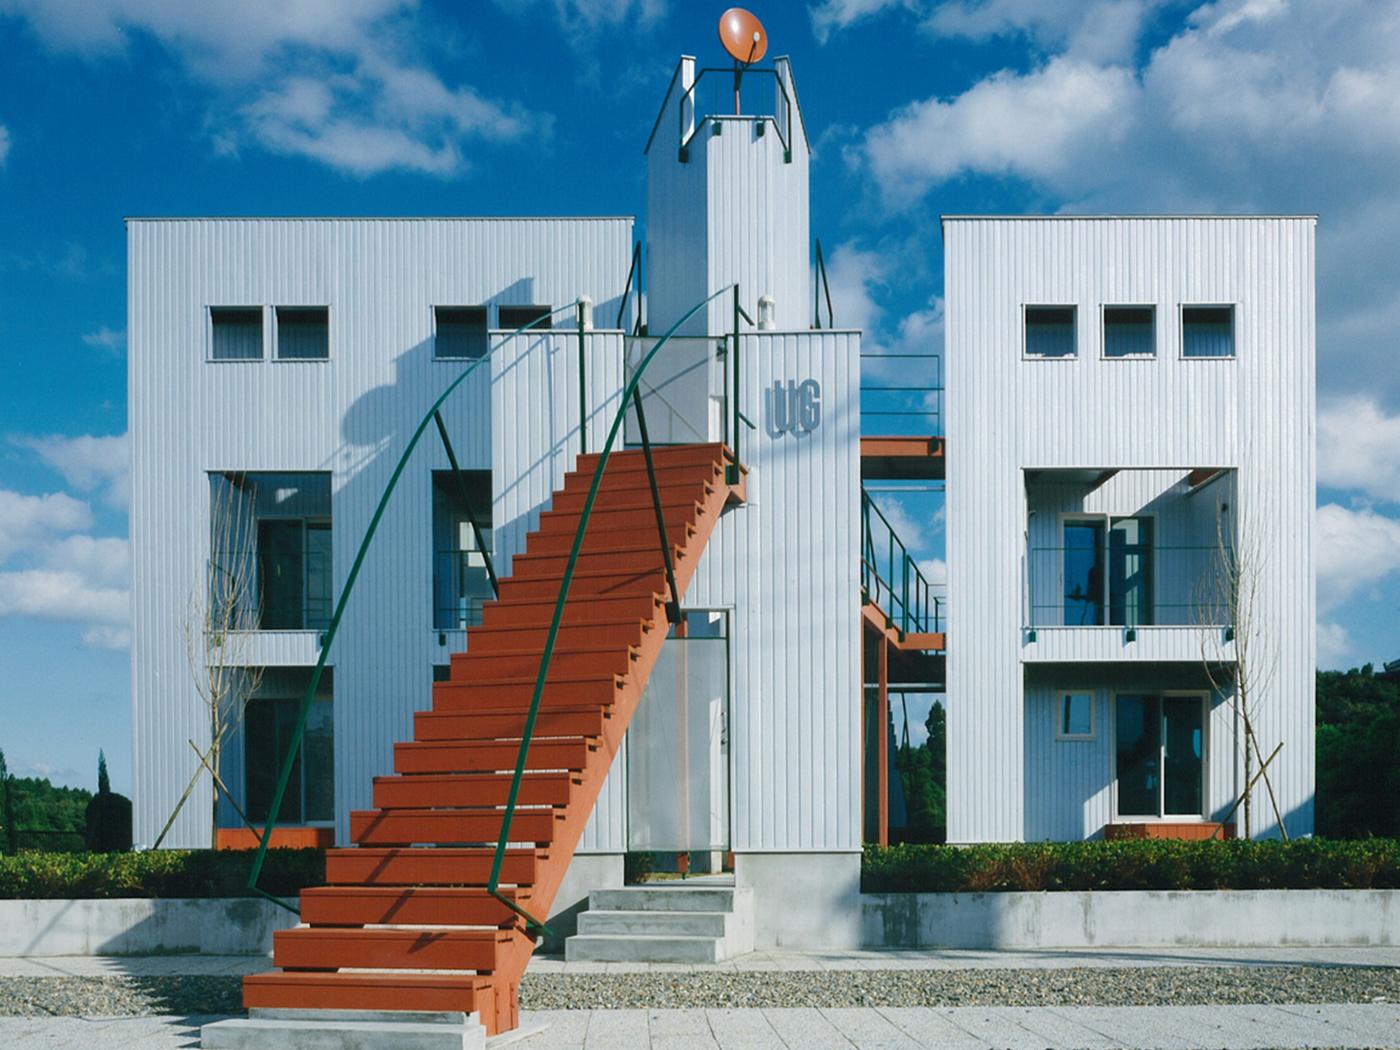 UG都市建築外房デザインセンター